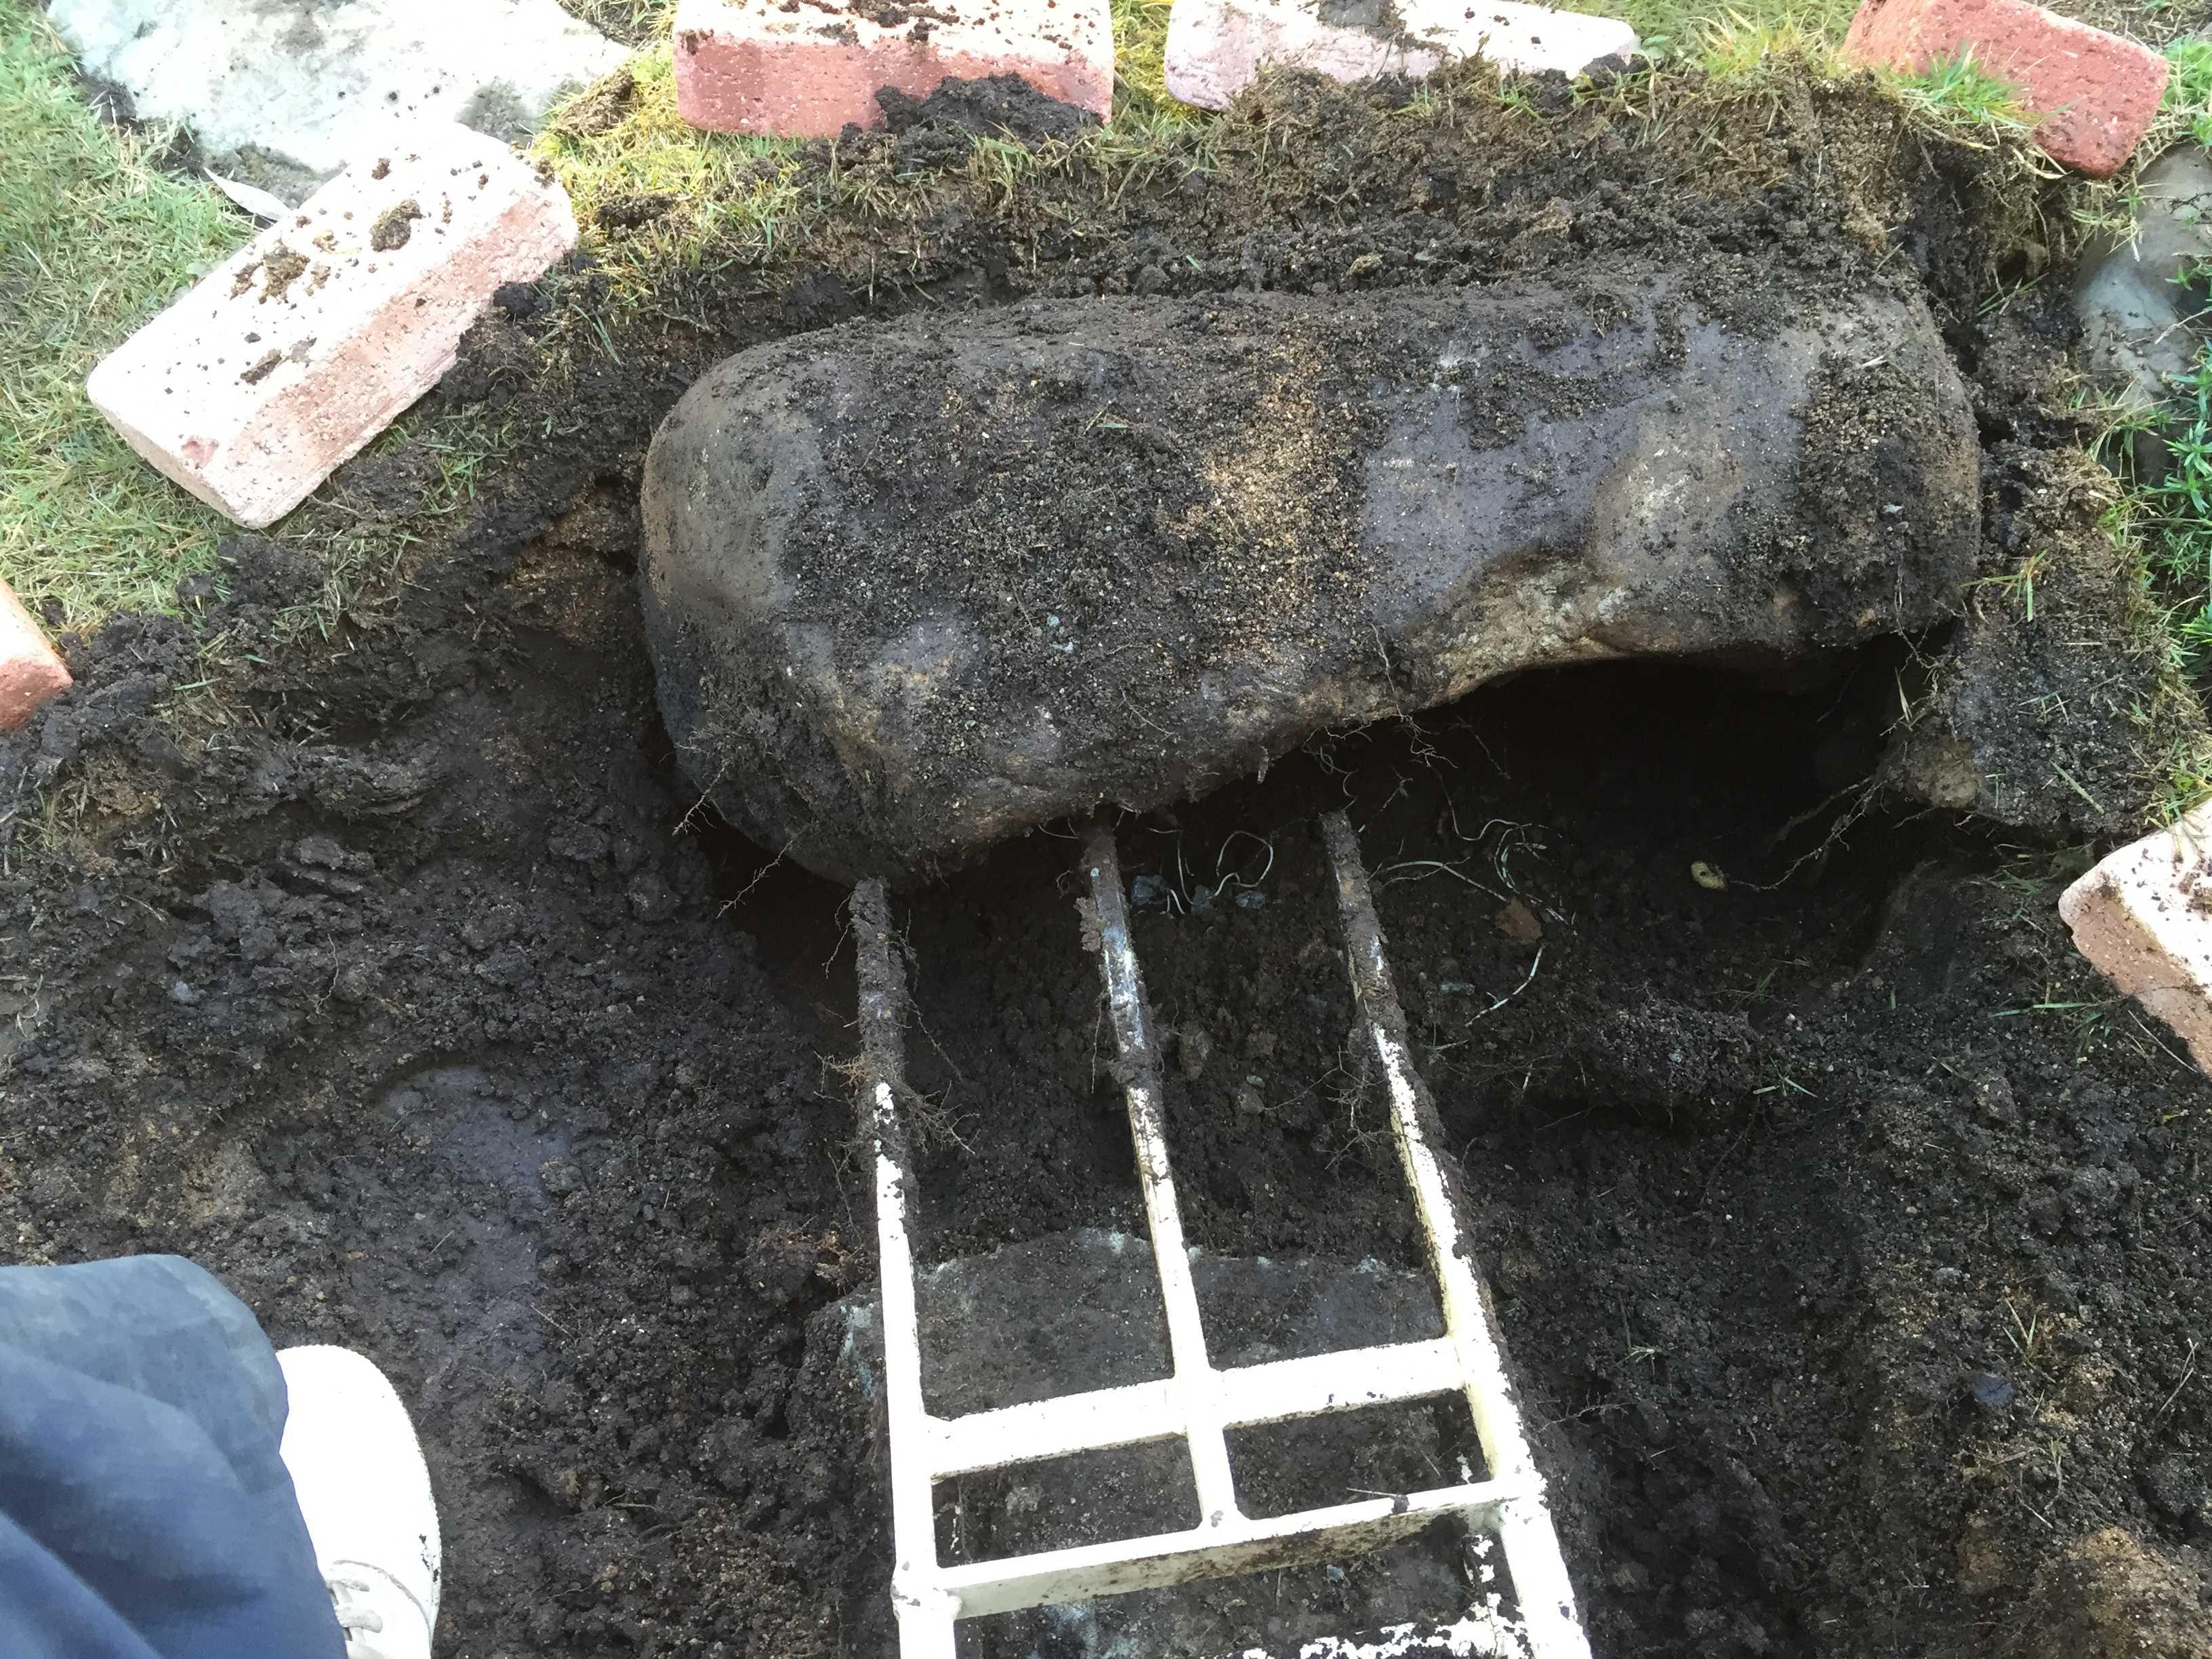 土起こしで石の掘り出し - 水仙の球根の植え方